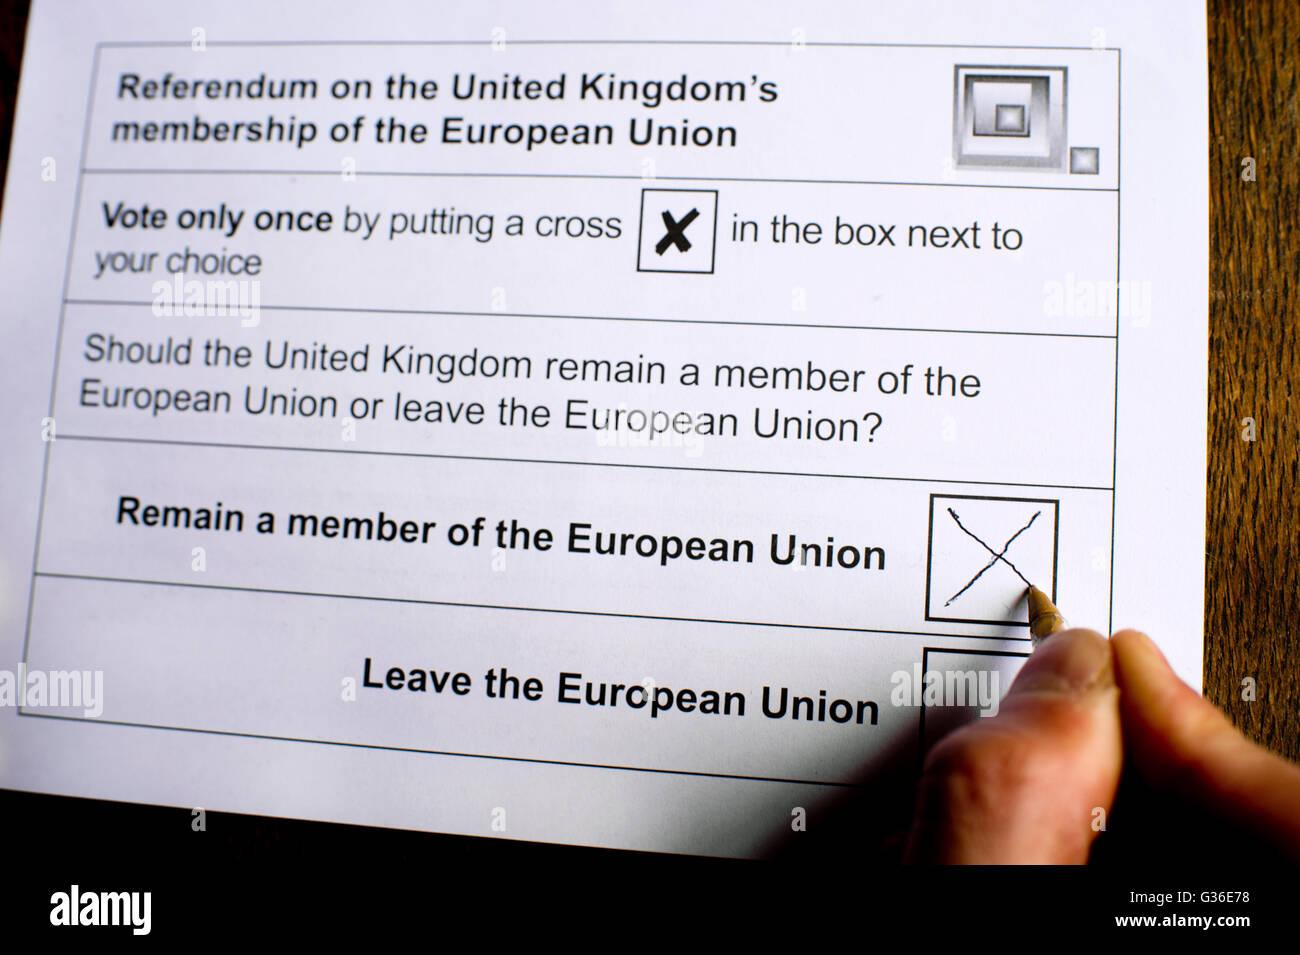 Referéndum sobre la adhesión de la Comunidad Europea. Joven rellenando el voto por correo. Imagen De Stock